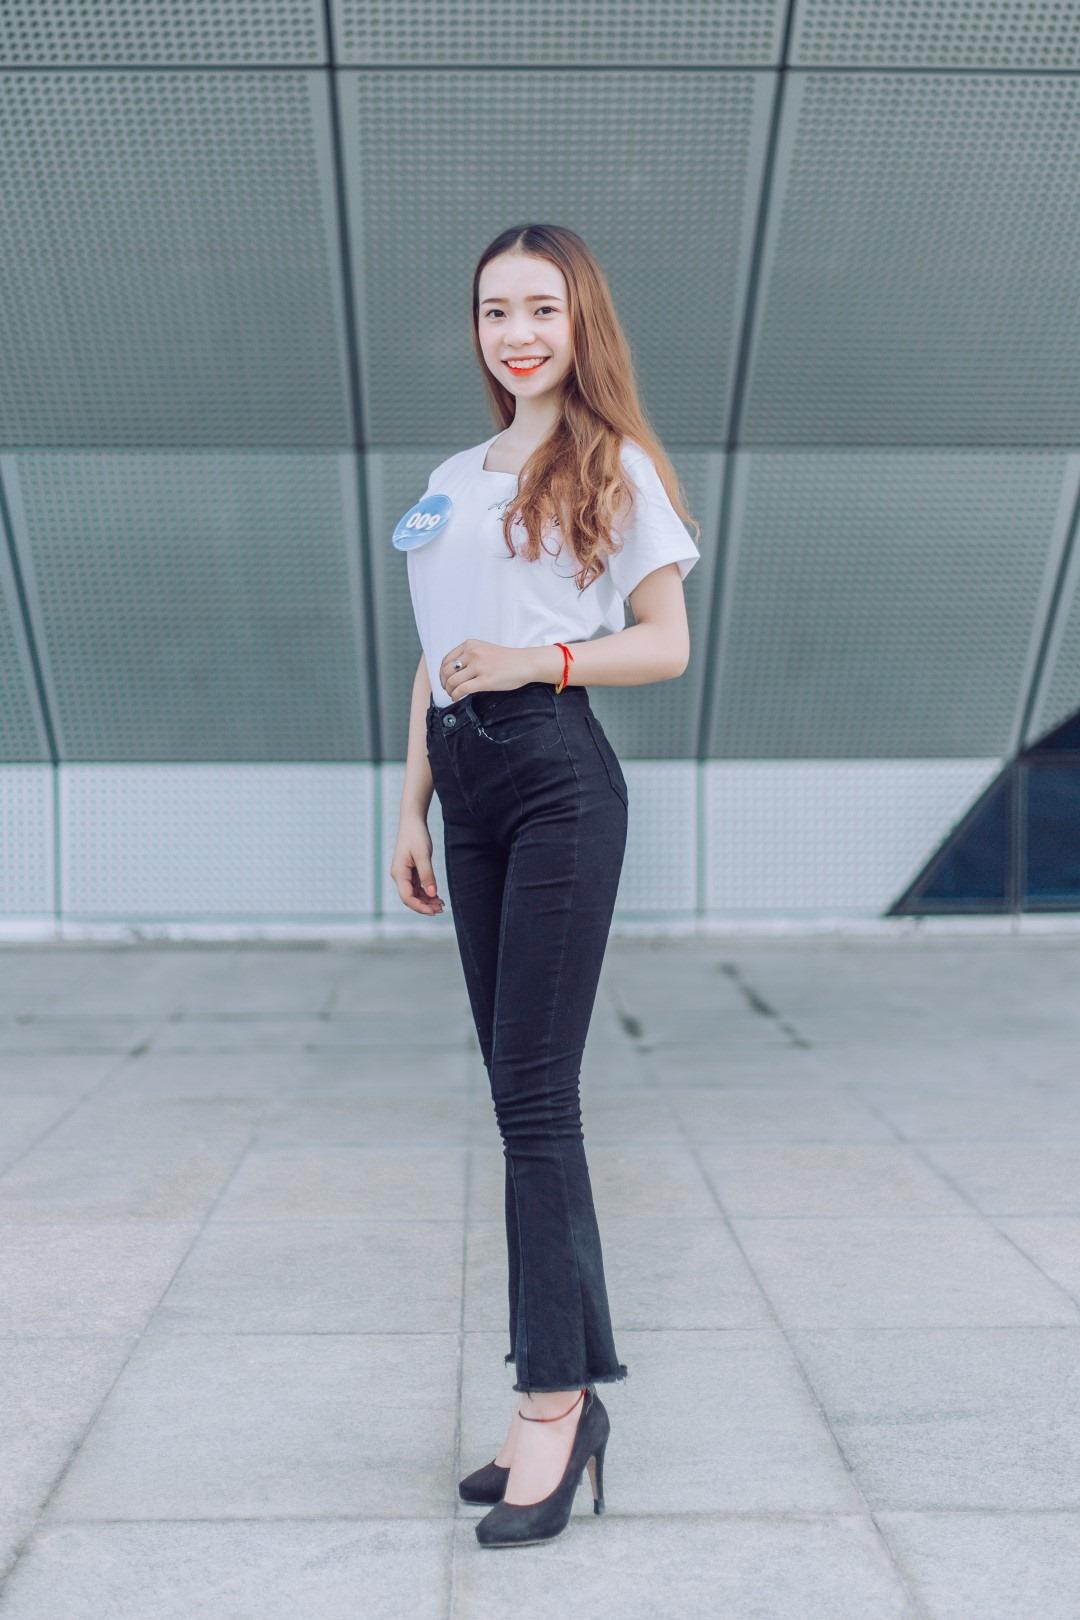 """Những cô gái tài sắc vẹn toàn nằm trong cuộc thi """"Miss Poly 2019"""" do FPT Polytechnic Đà Nẵng tổ chức. 12 thí sinh vượt qua vòng sơ loại để bước vào vòng bình chọn từ ngày 6 đến 15/6. Ảnh thí sinh Nguyễn Thị Lượng, mang số báo danh (SBD) 009."""